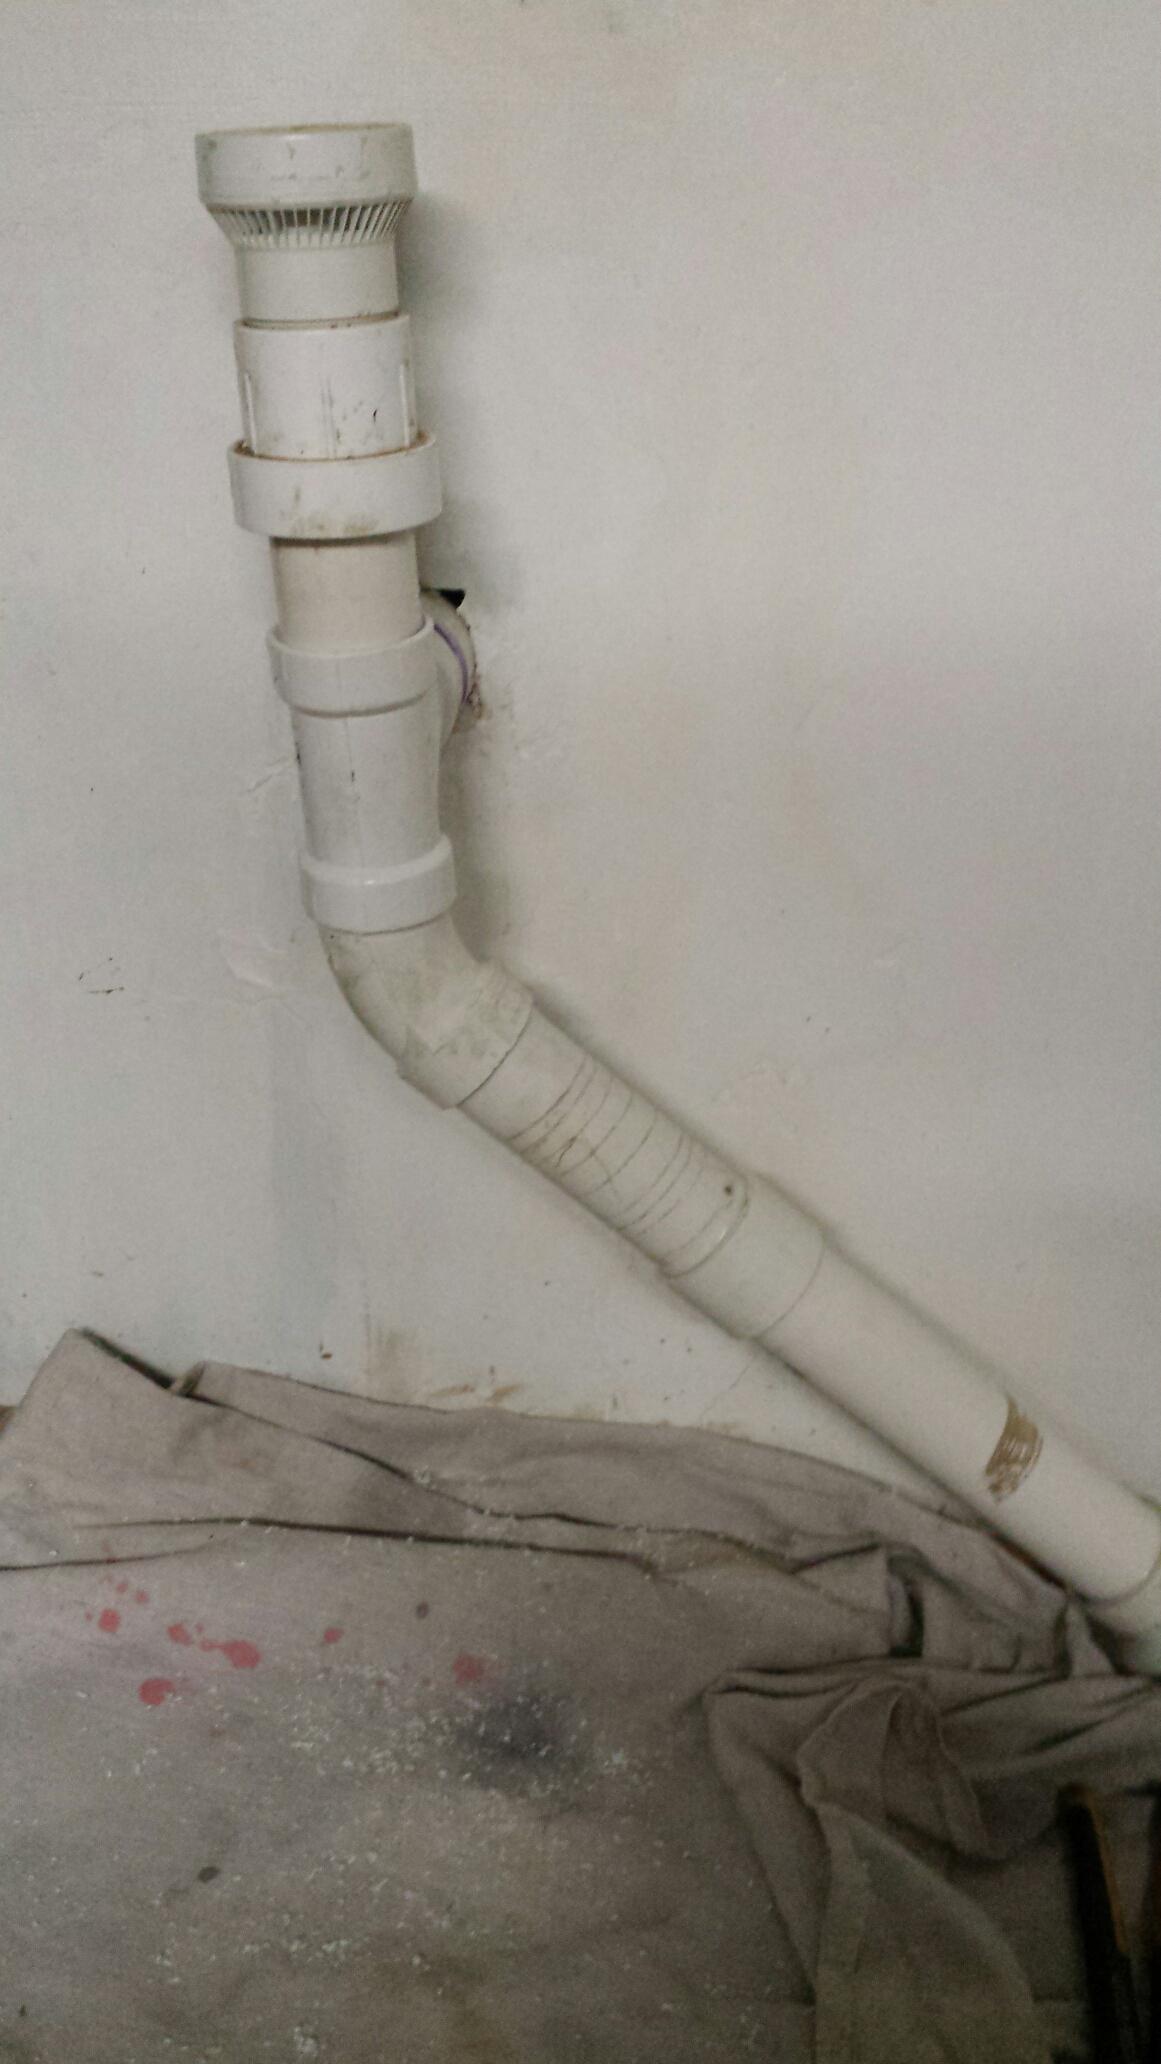 Ann Arbor, MI - Plumbing repair